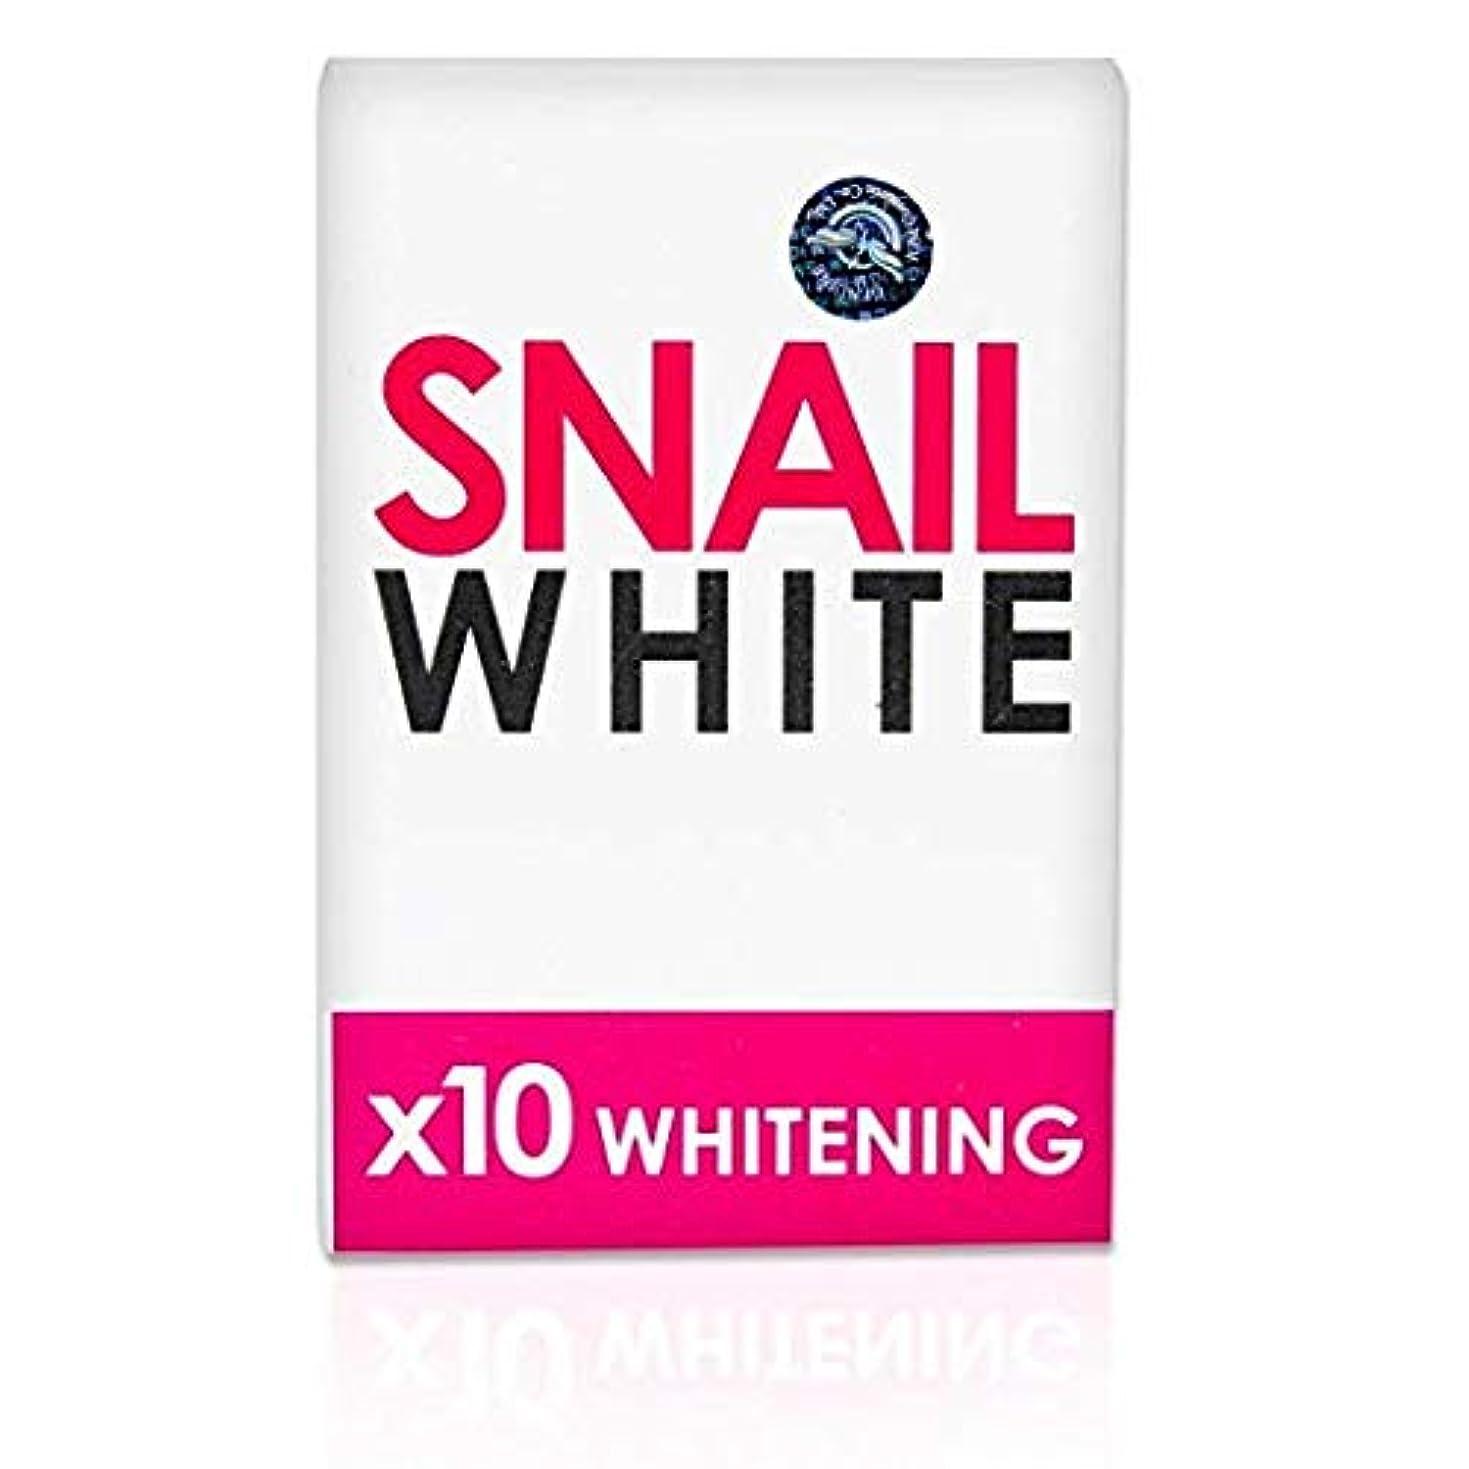 体現するめんどり無一文スネイルホワイト Gluta Snail White x10 Whitening by Dream ホワイトニング 固形石鹸 2個